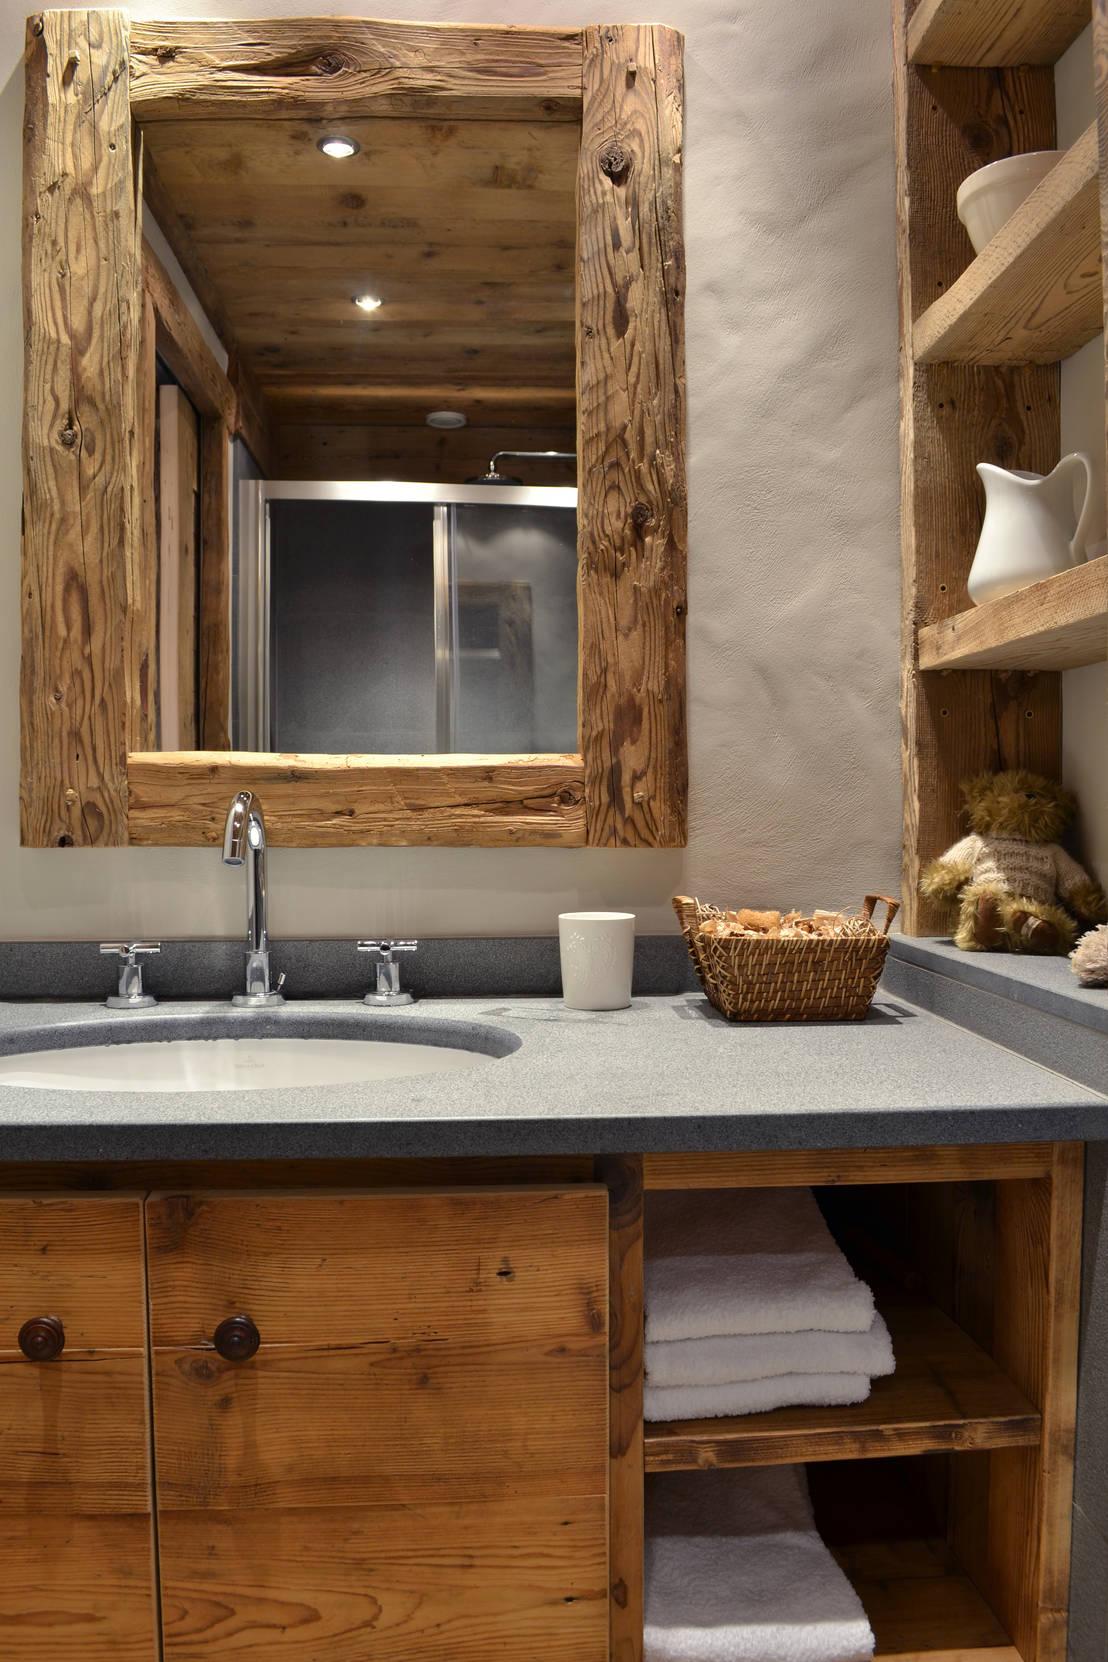 10 idee per arredare il bagno con i mobili in arte povera for Mobili per arredare il bagno